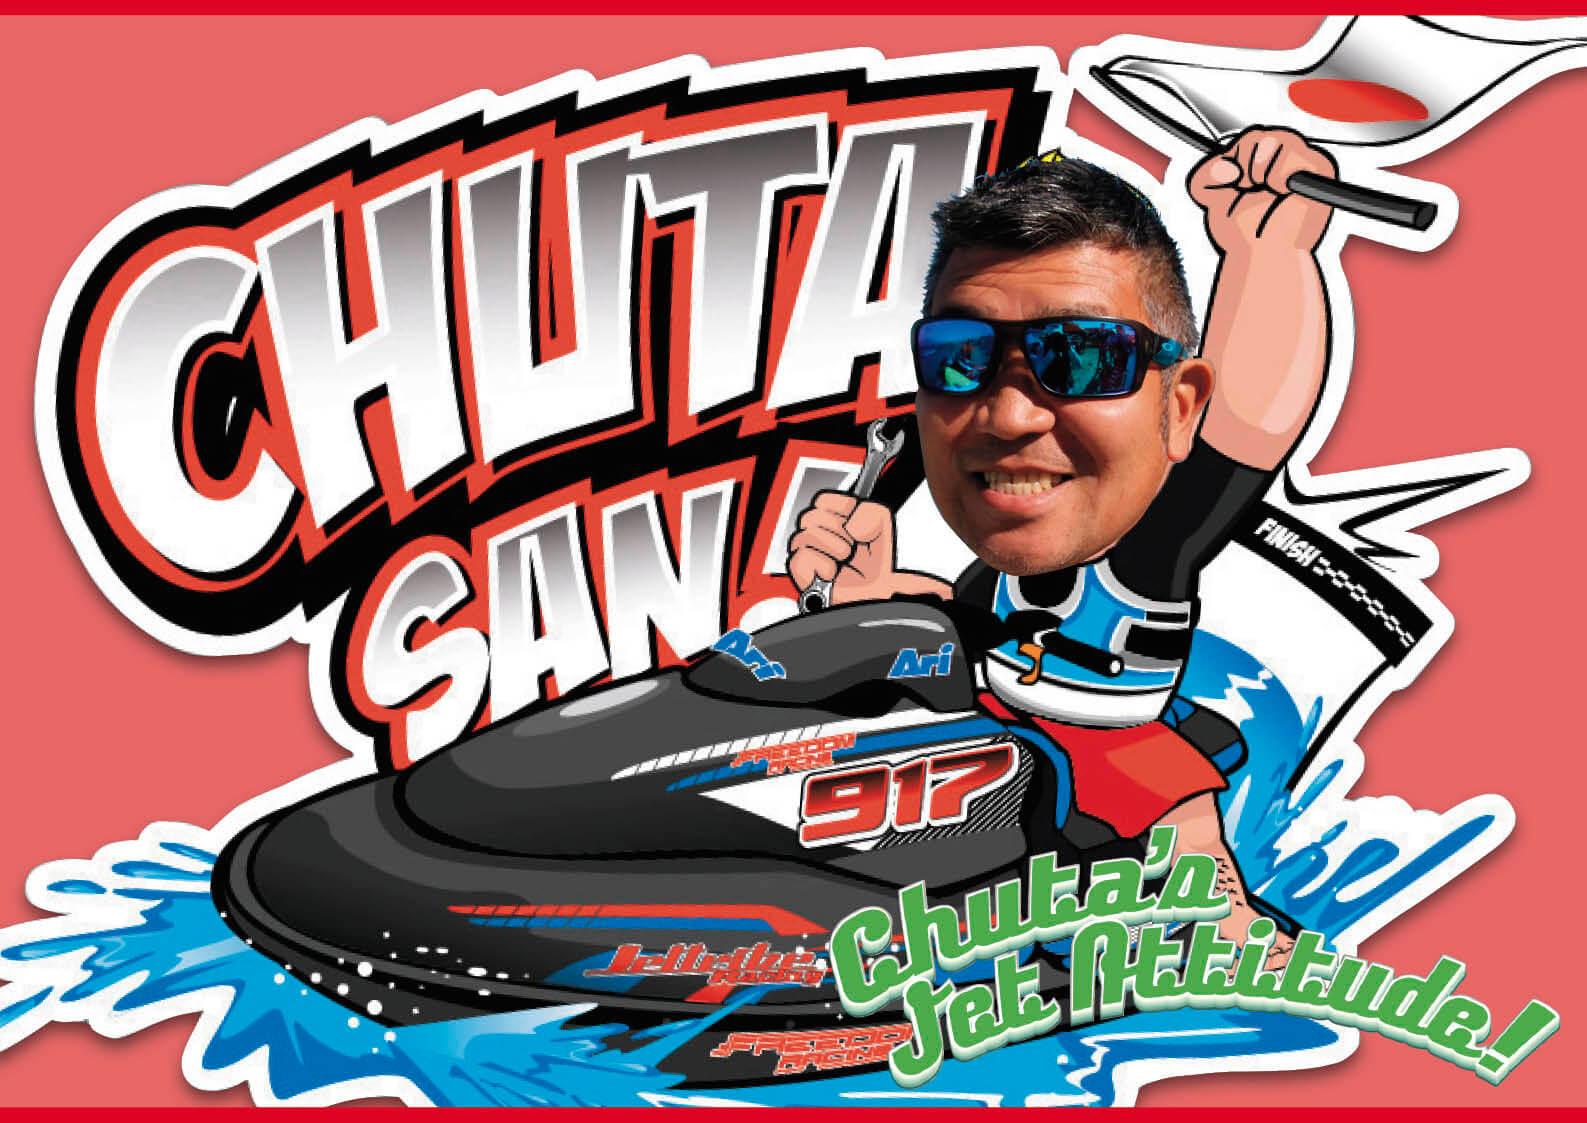 中田正樹コラム 3「いよいよレース本番! のはずが…… ジェットスキーワールドカップ編」Chuta's Jet Attitude